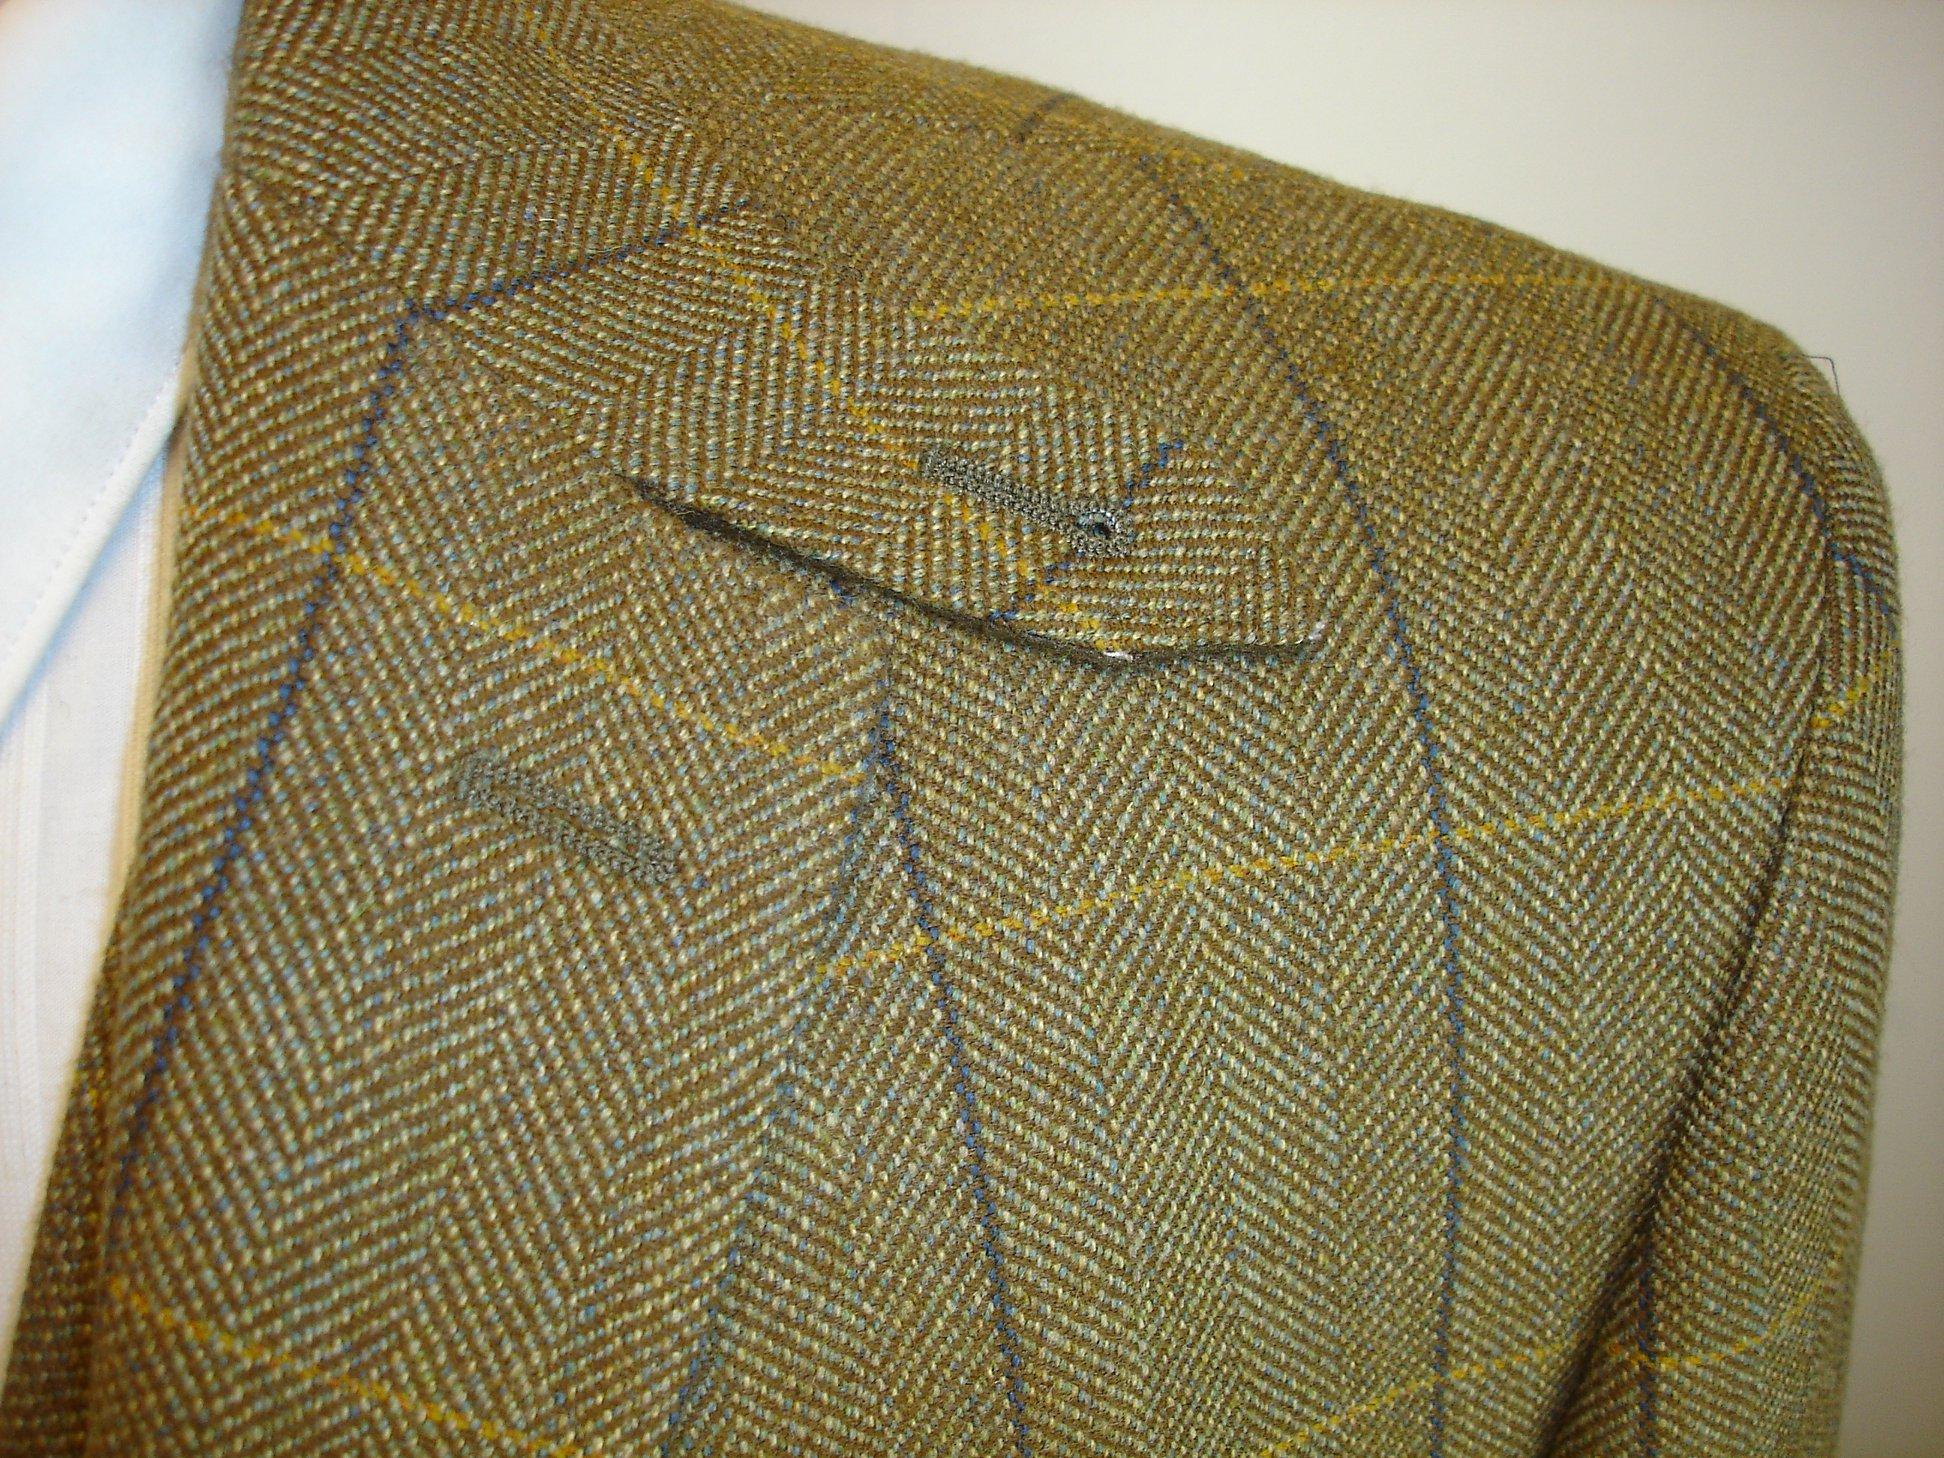 Porter & Harding Hartwist Tweed Suit (4).jpg